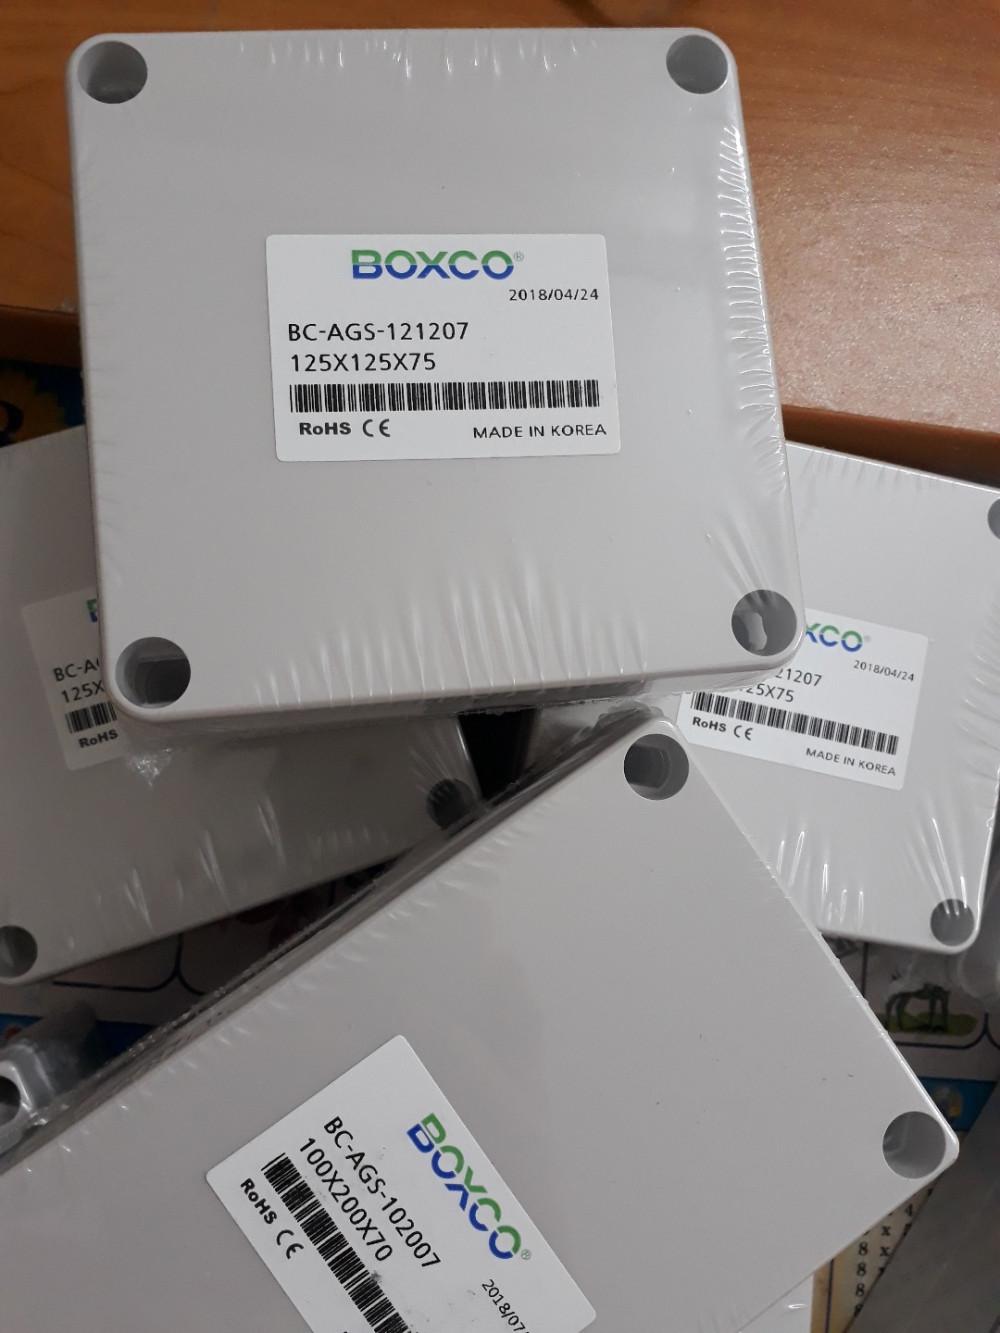 Tâm Thịnh Phát - Kinh doanh hộp tủ điện chống thấm uy tín, chất lượng